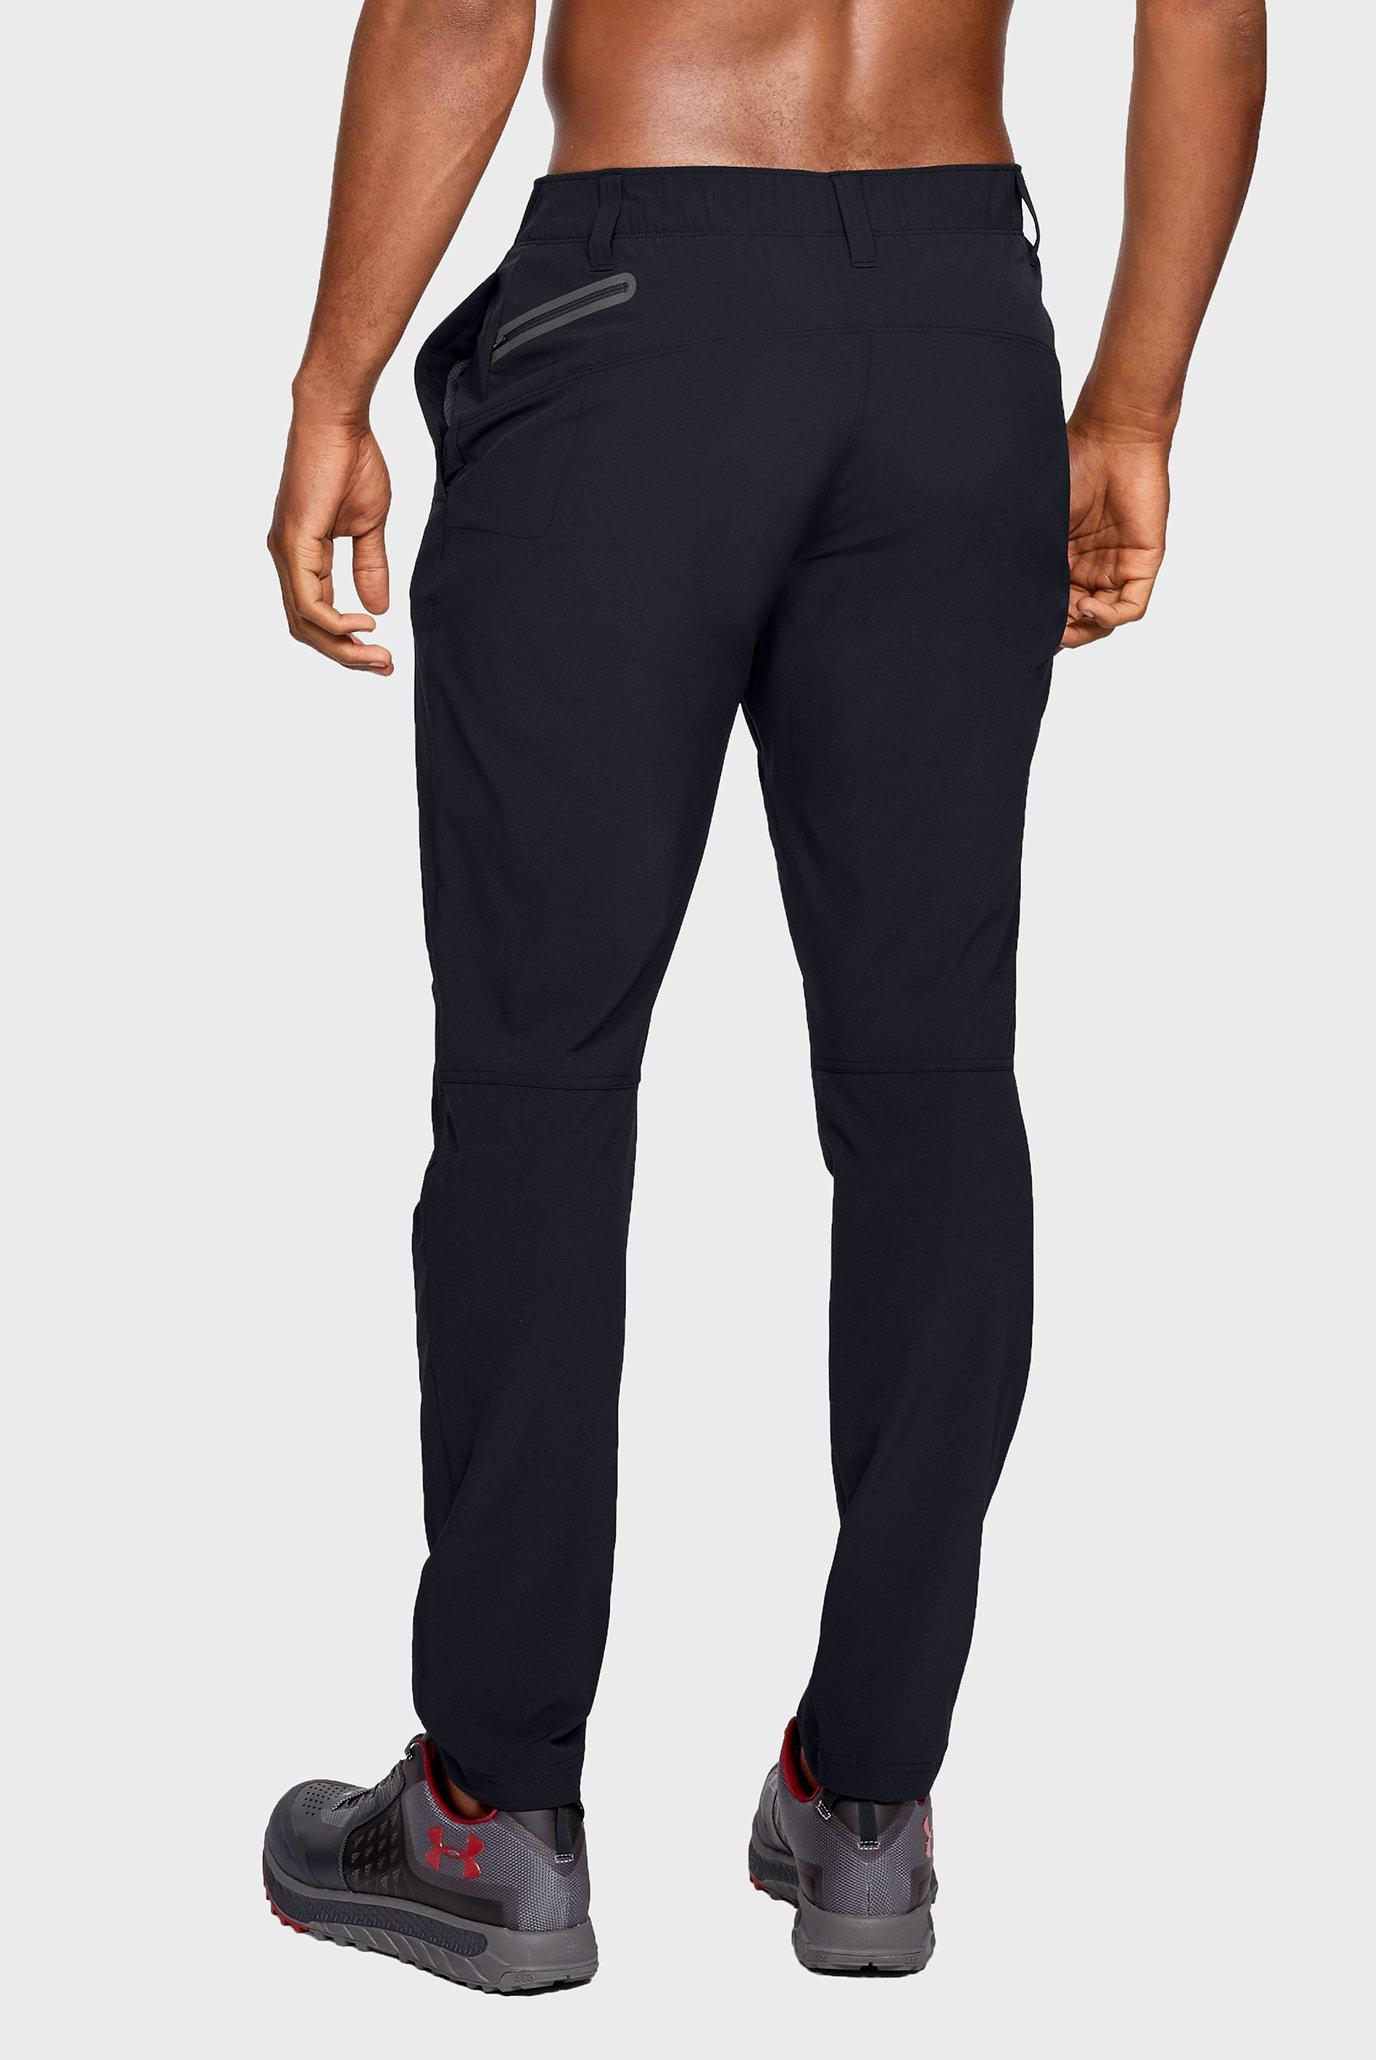 Мужские черные спортивные брюки UA Fusion Under Armour